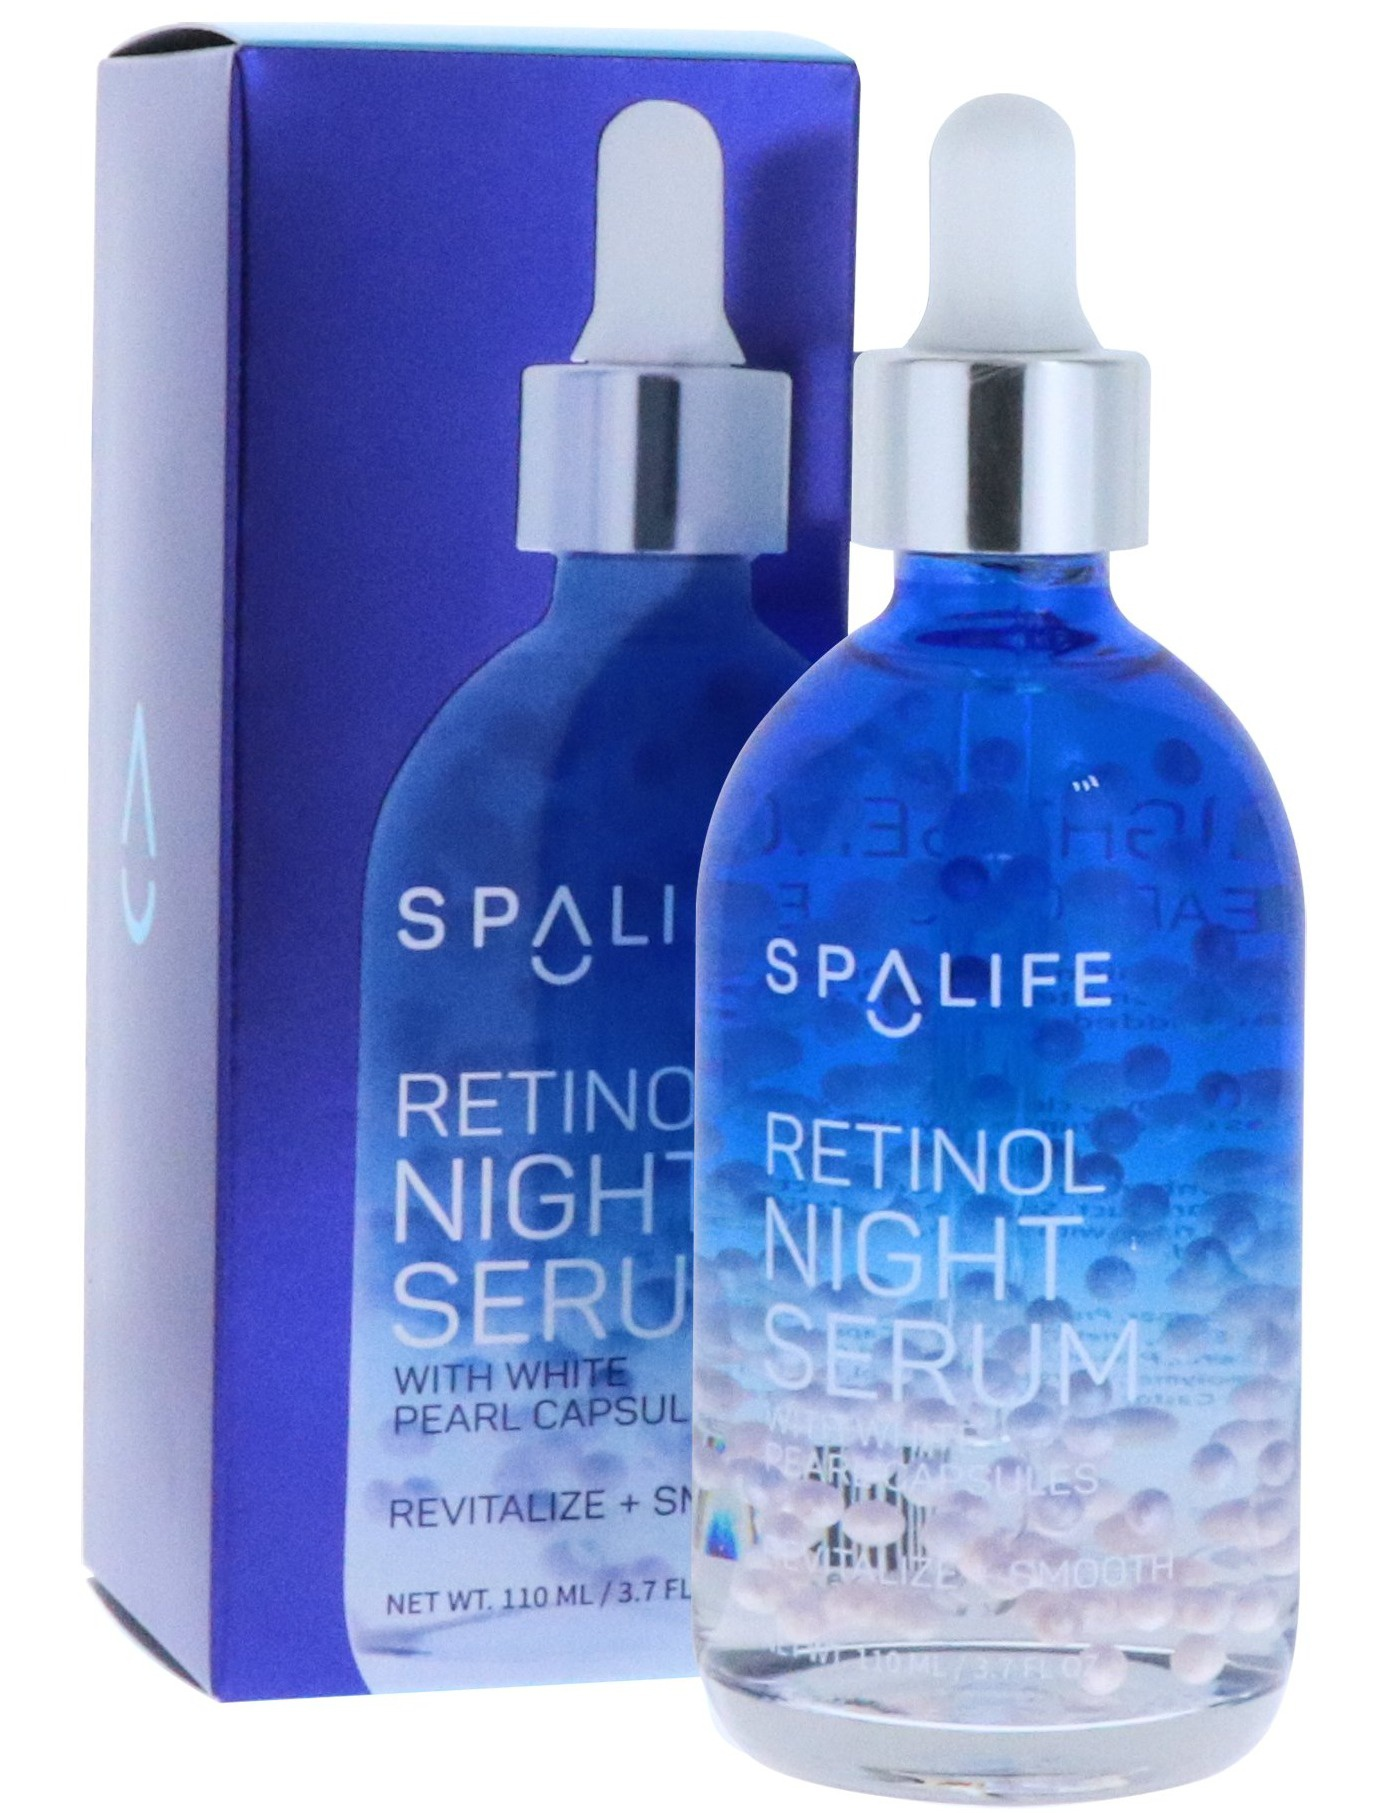 Spalife Retinol Night Serum